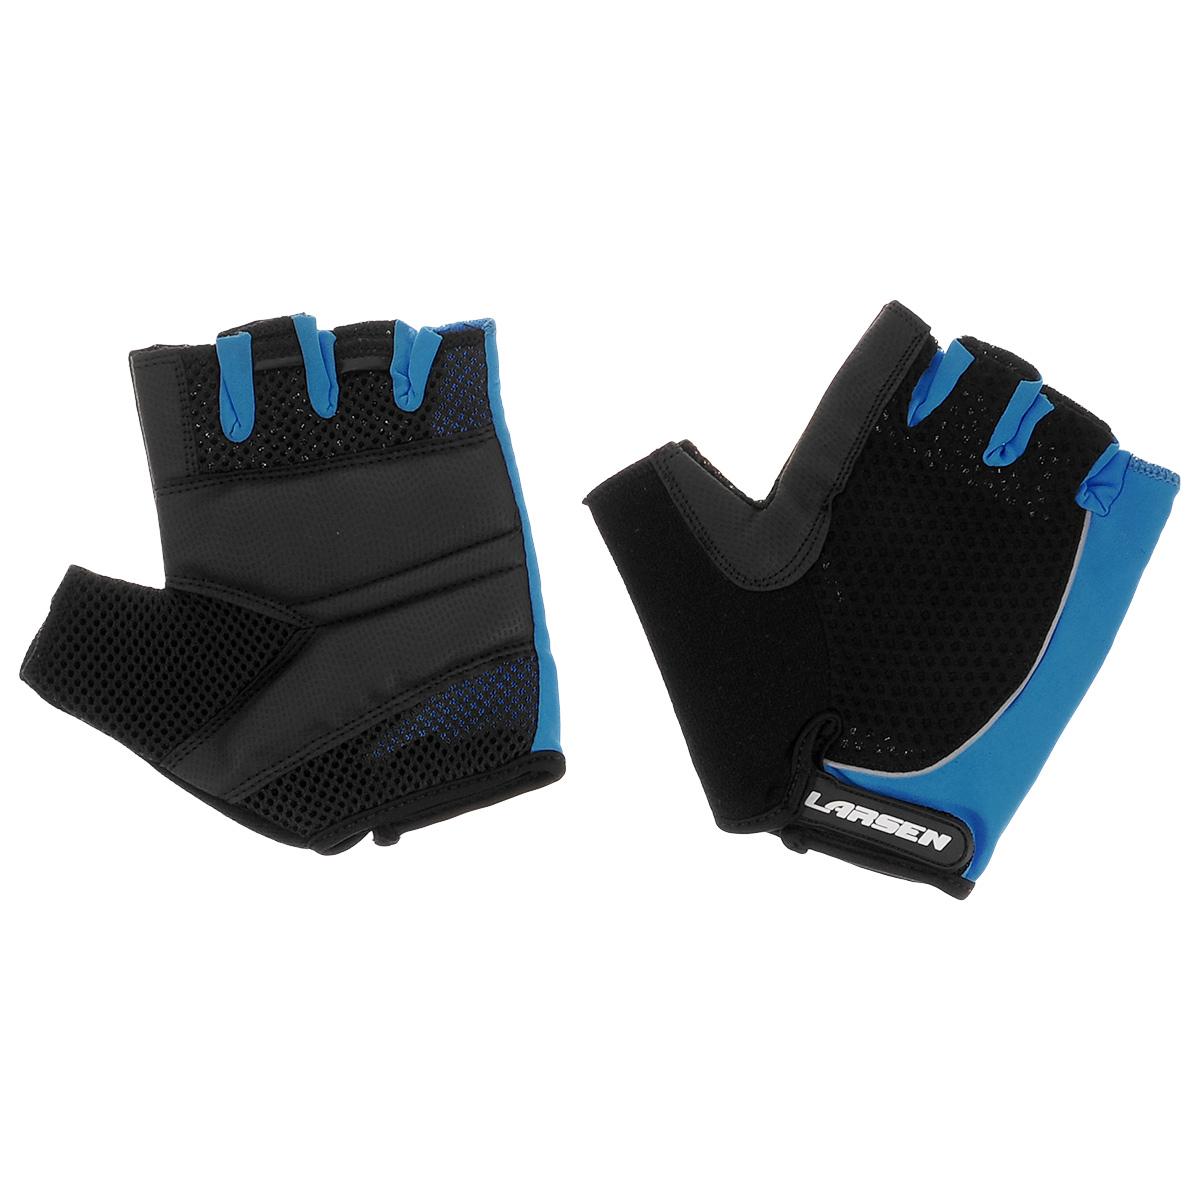 Велоперчатки Larsen, цвет: черный, синий. Размер XLRivaCase 8460 blackВелоперчатки Larsen выполнены из высококачественного нейлона и амары. Ладони оснащены накладкой из полиуретана для повышенного сцепления и системой Pull Off на пальцах. Застежка Velcro надежно фиксирует перчатки на руке. Сетка способствует хорошей вентиляции.